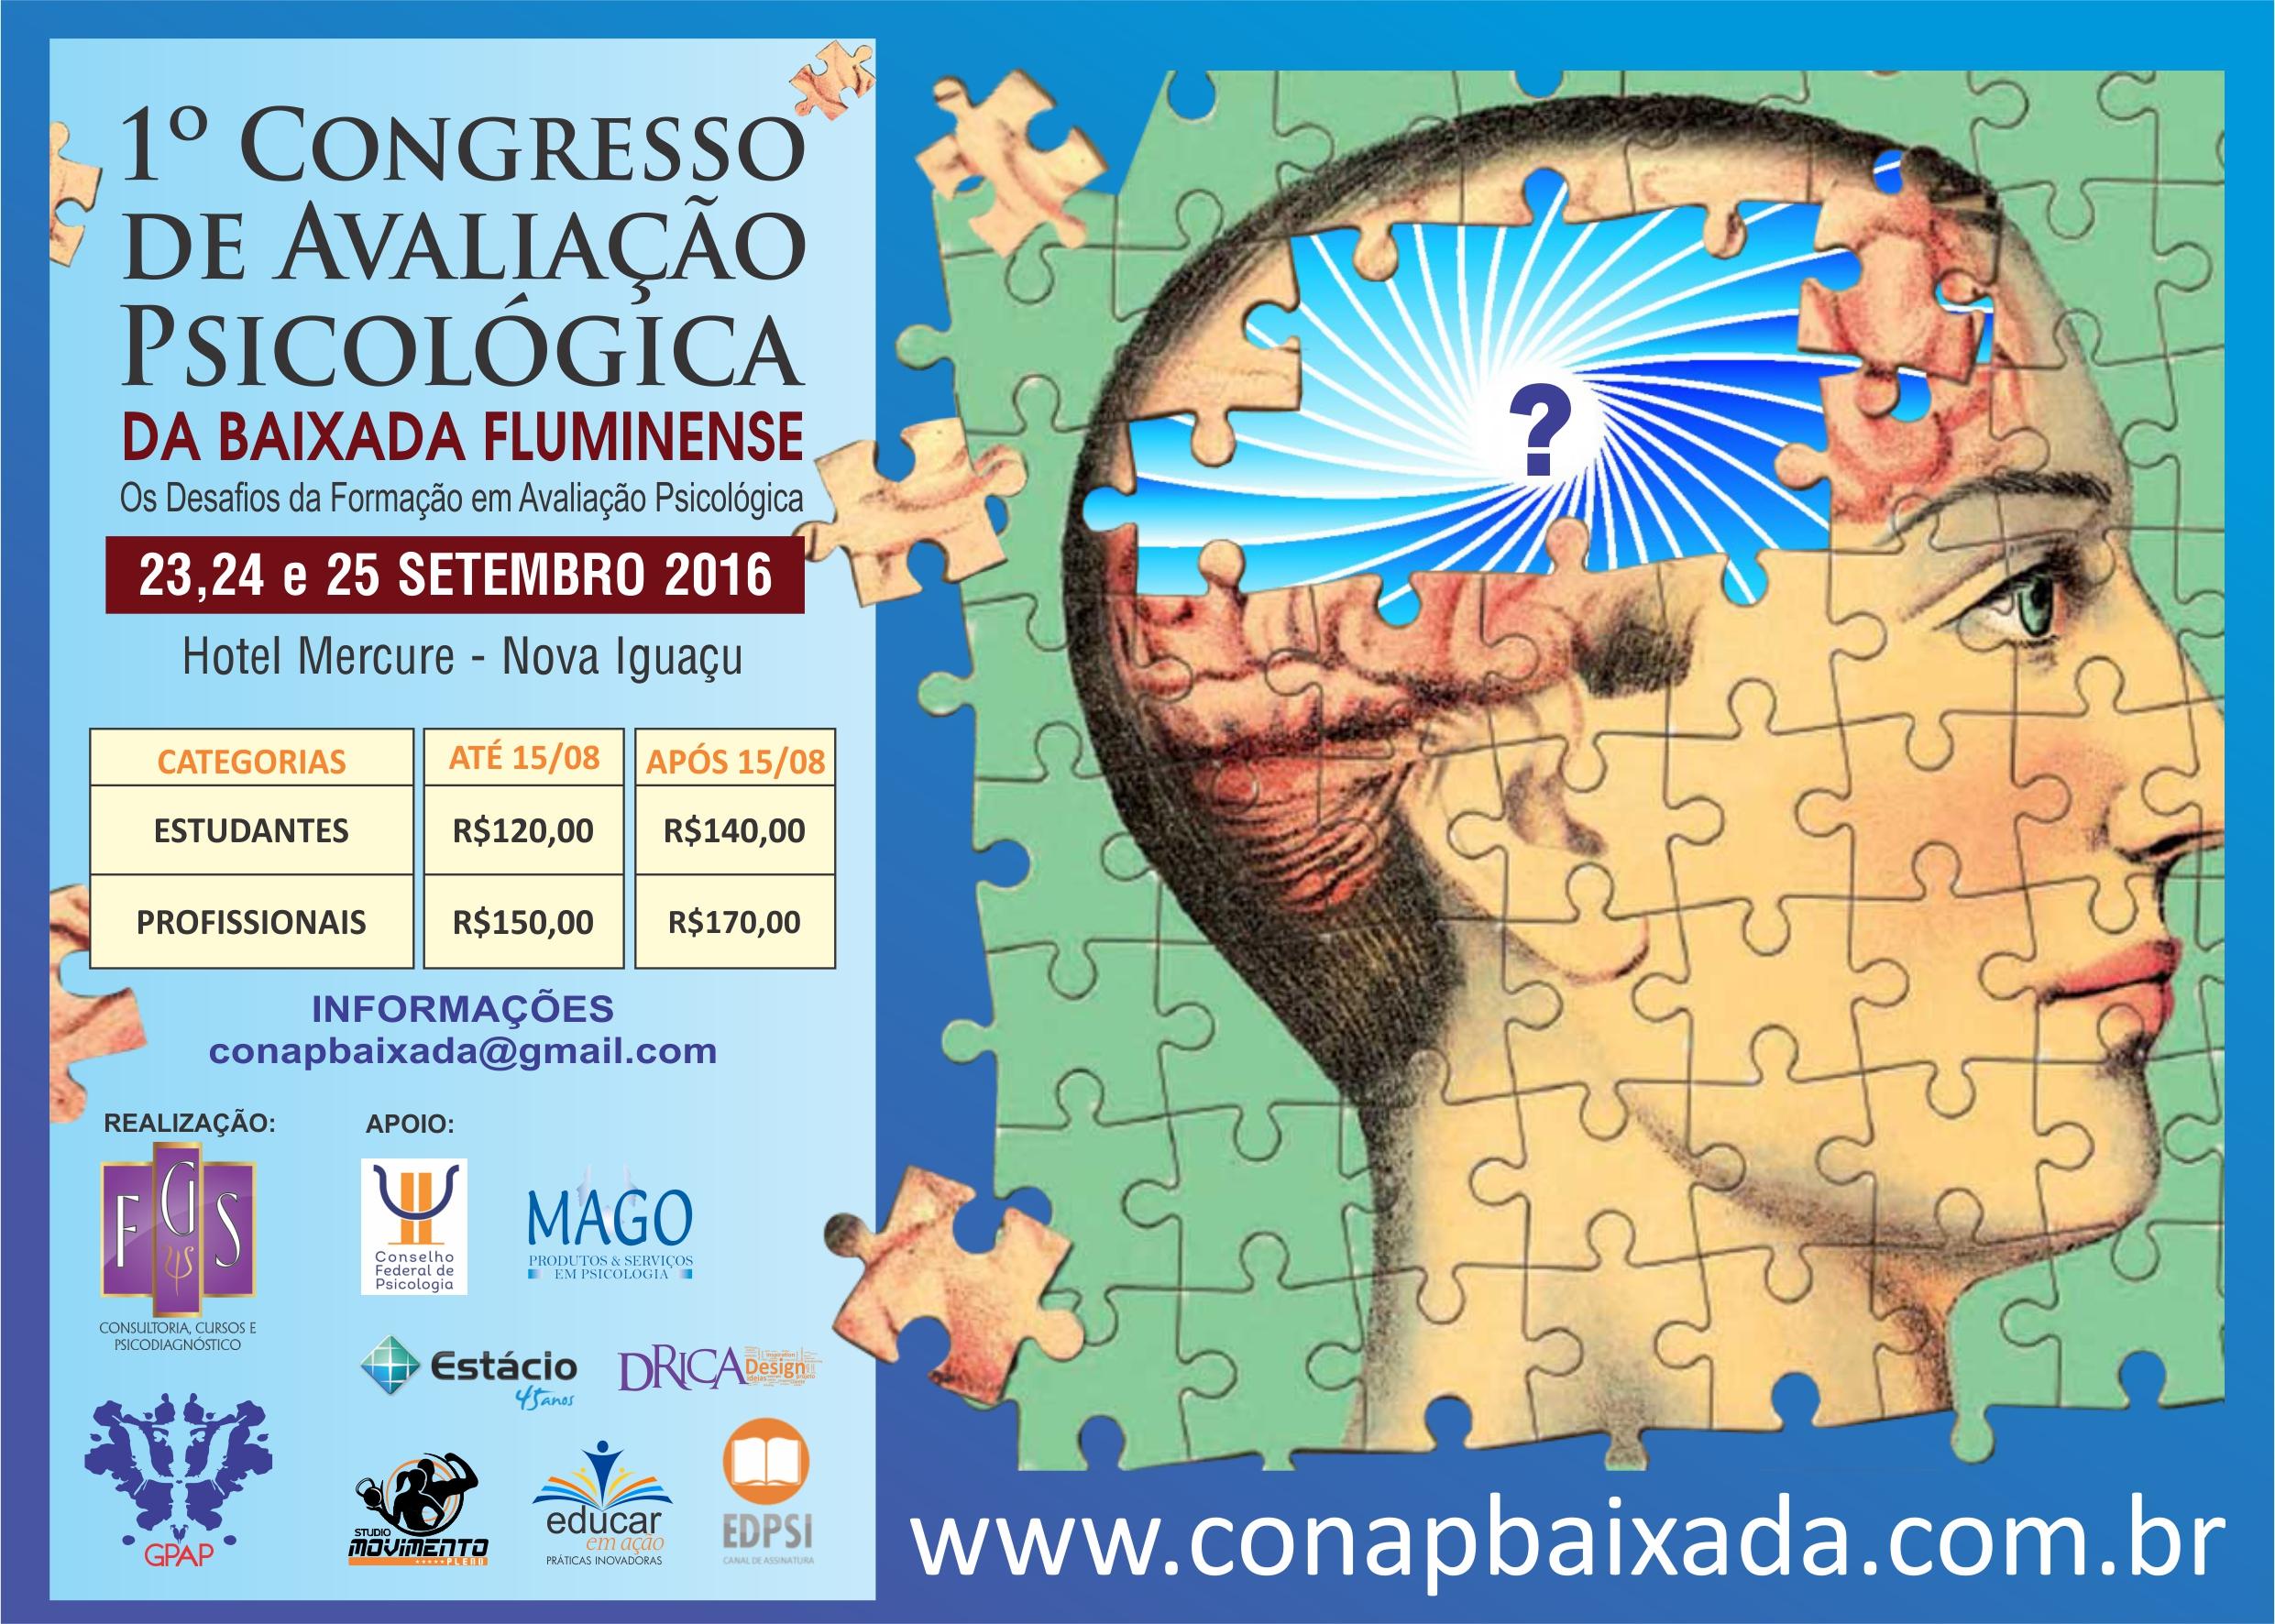 1º Congresso de Avaliação Psicológica da Baixada Fluminense